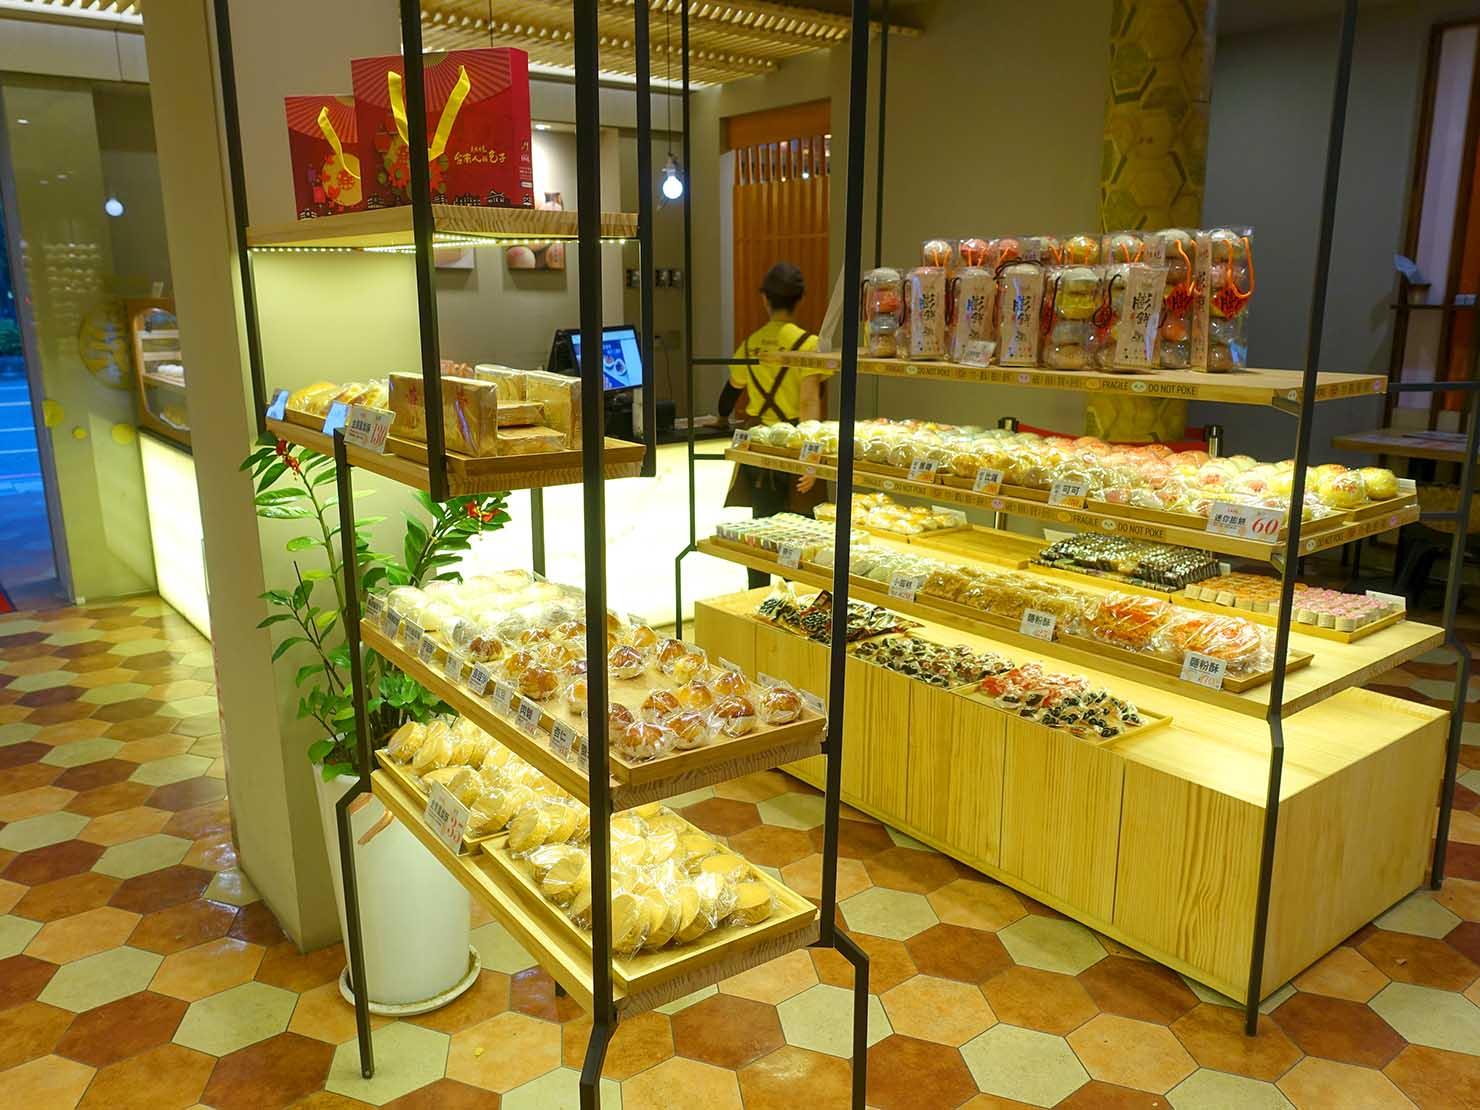 台南・孔廟エリアのおすすめグルメ店「克林台包」の店内